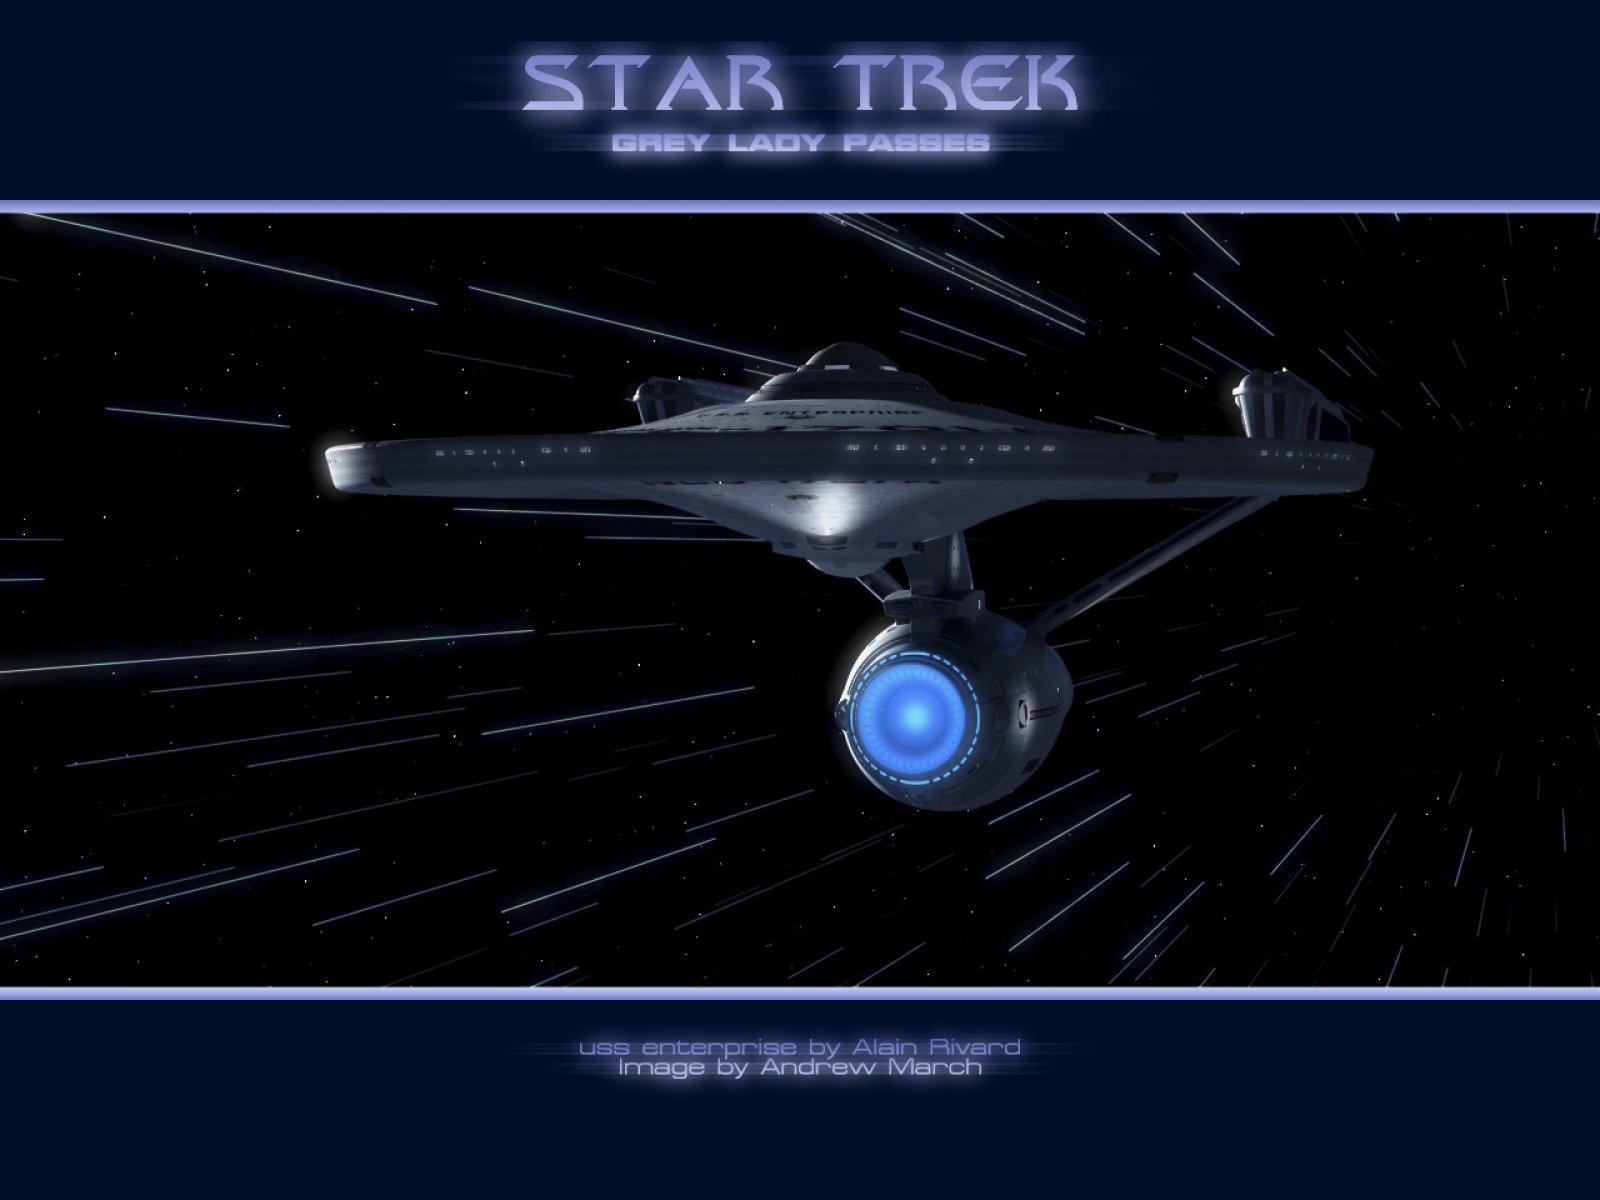 star trek wallpaper and screensavers wallpapers trendingspace 1600x1200